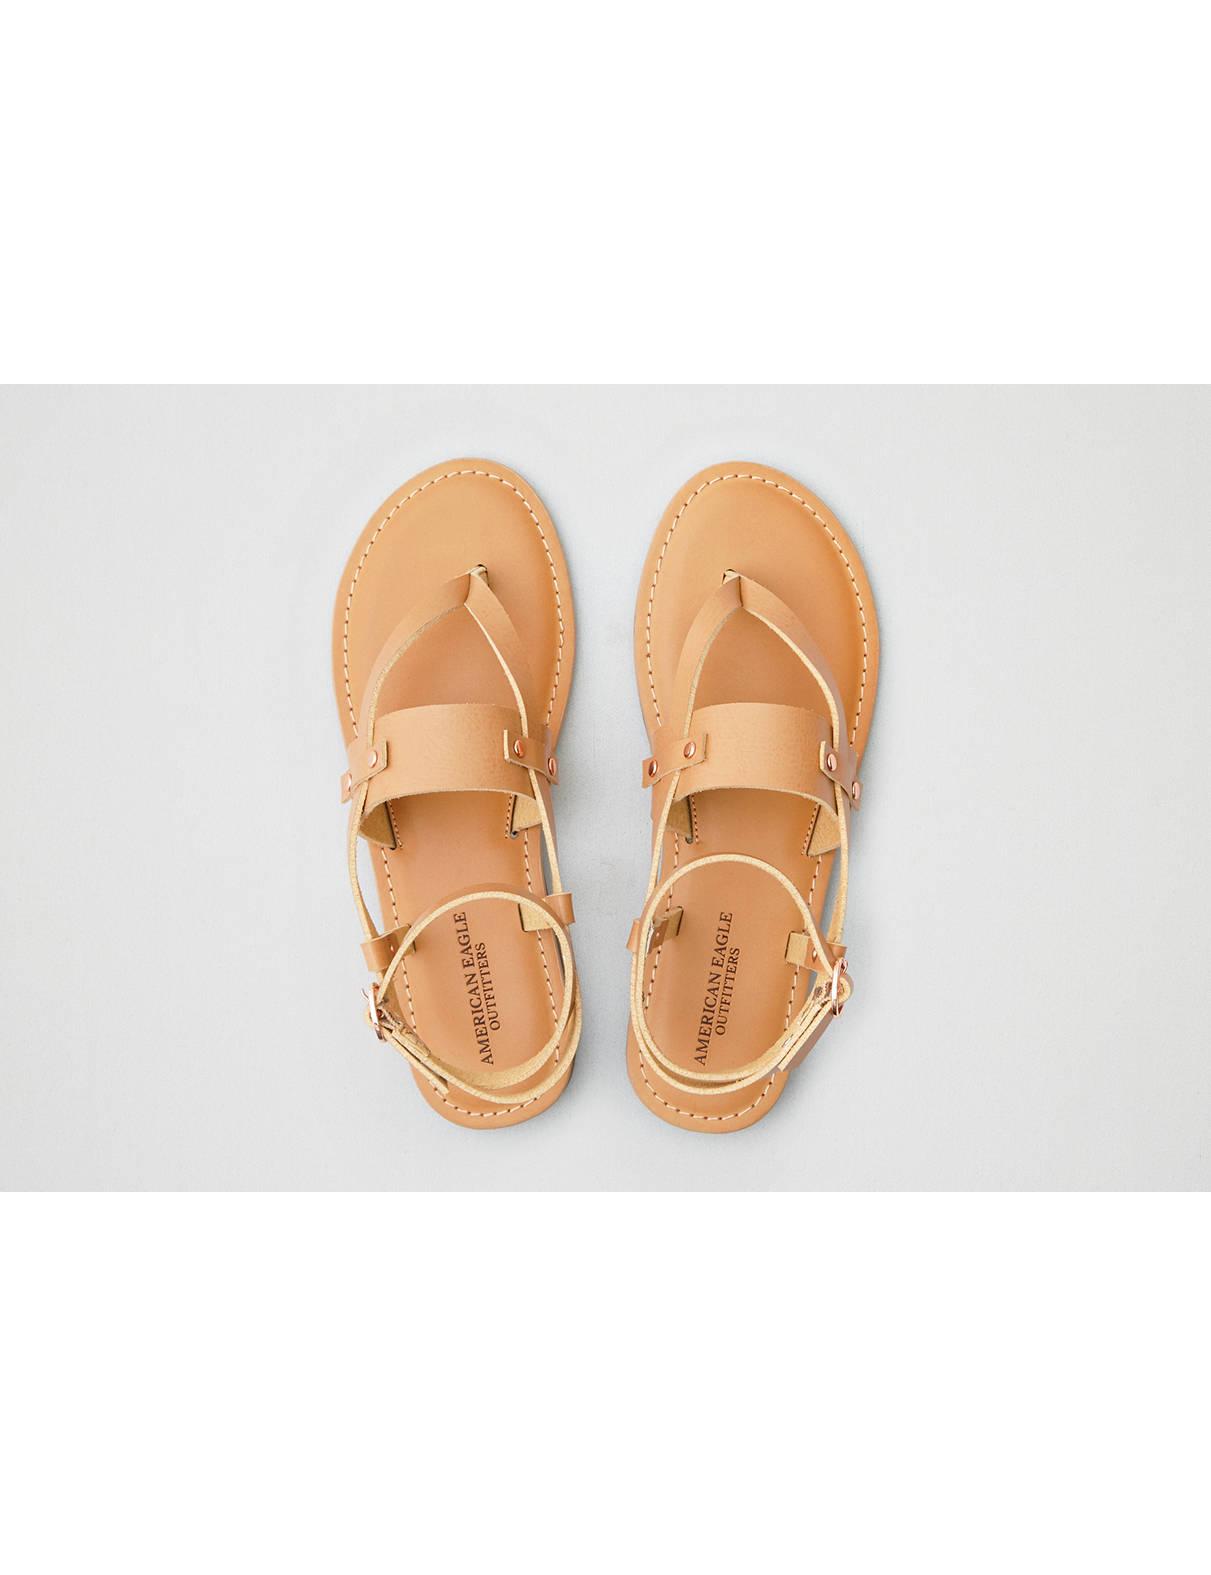 AEO Studded Sandal